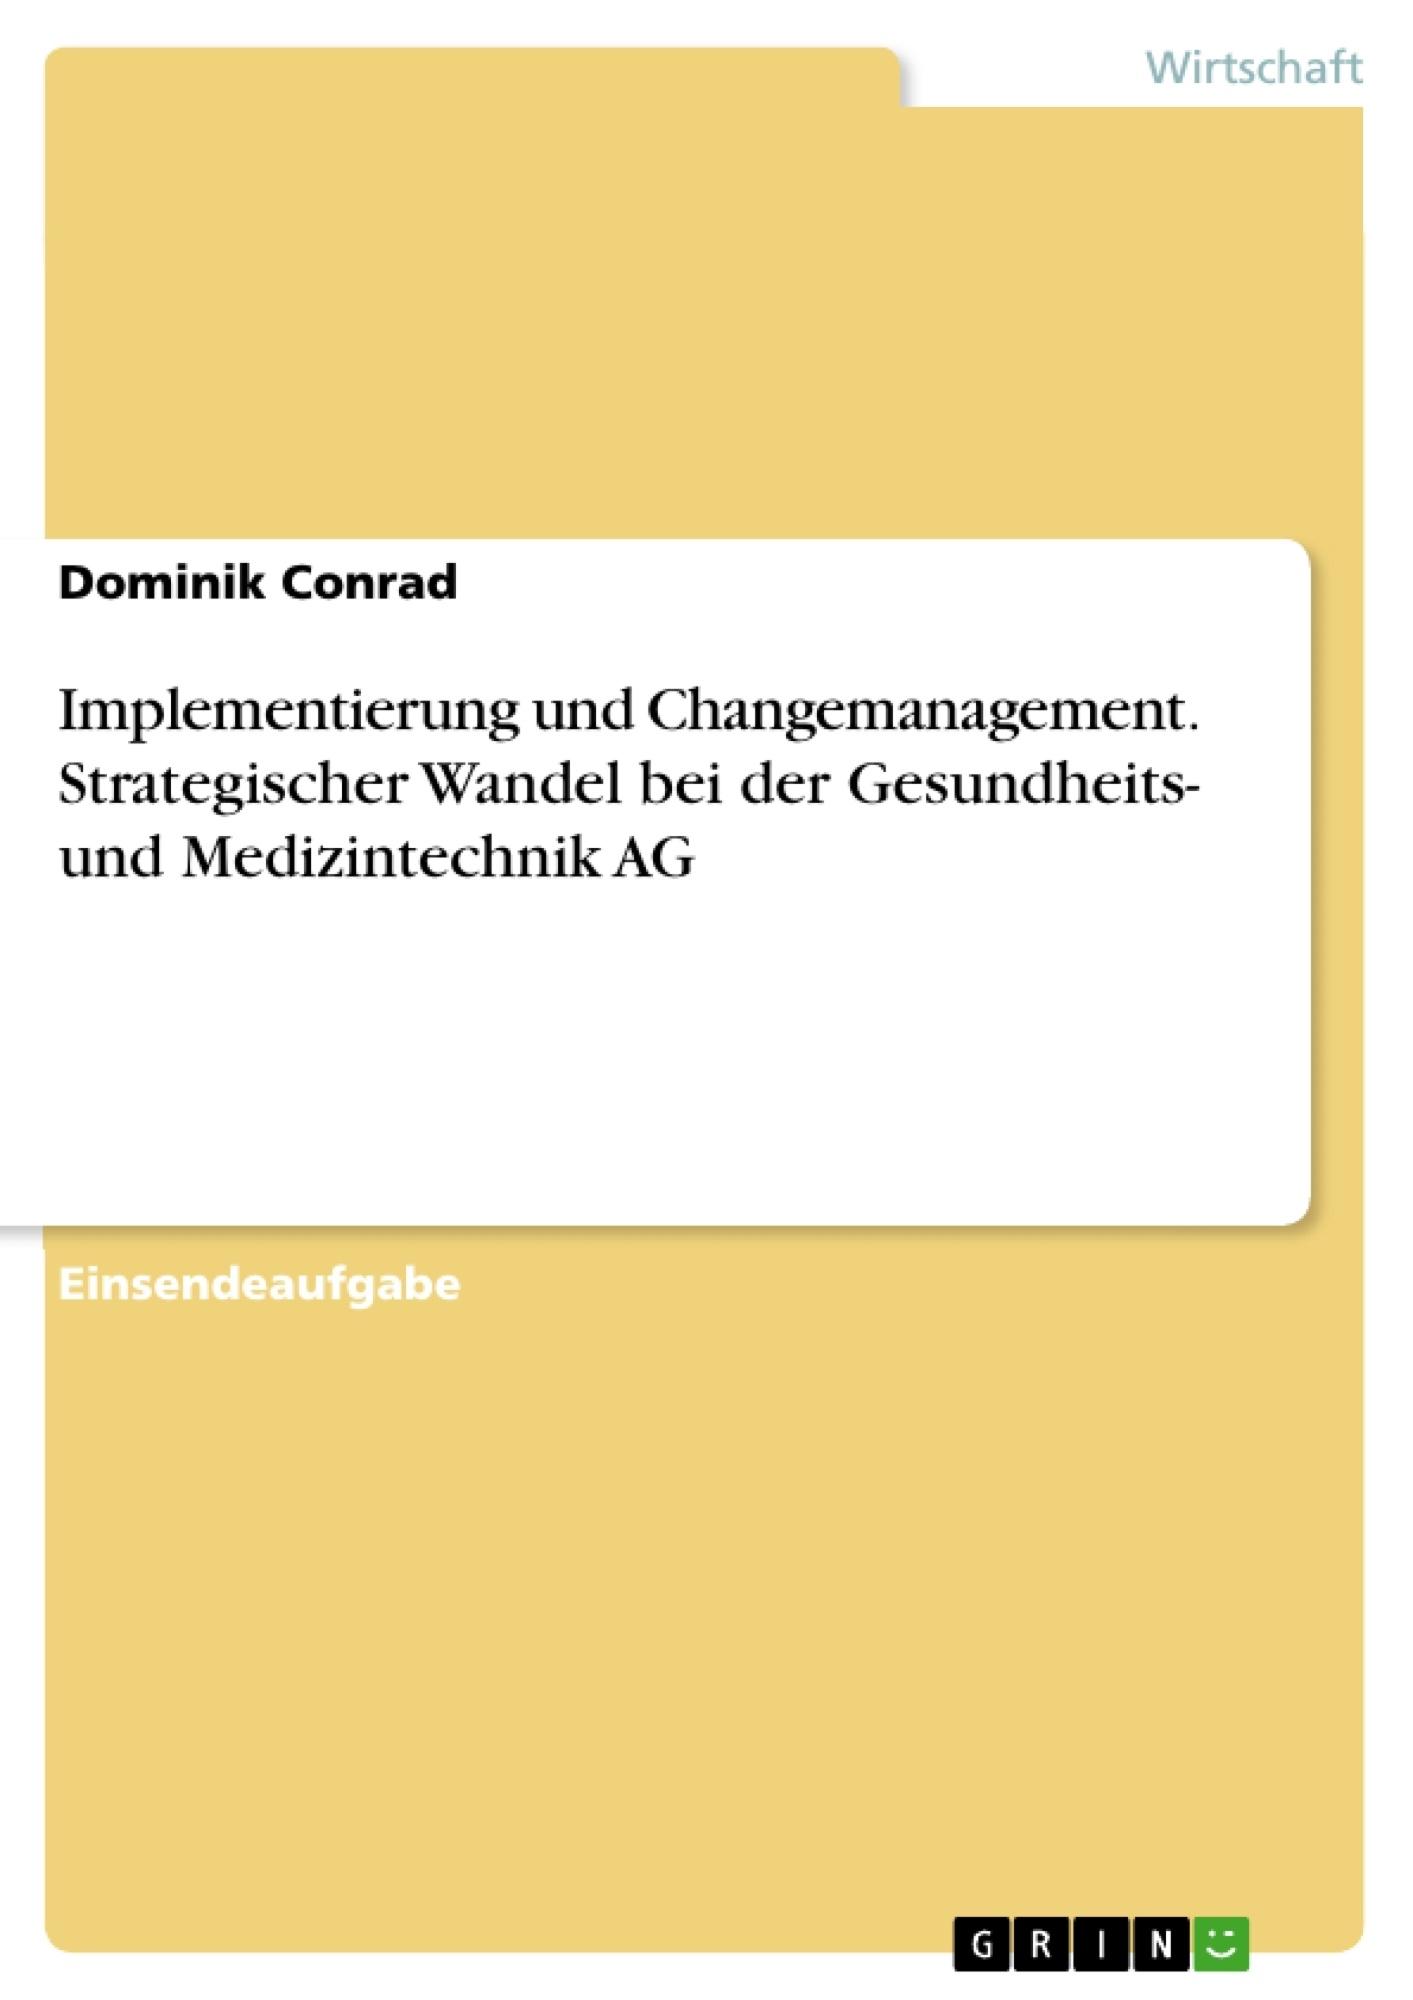 Titel: Implementierung und Changemanagement. Strategischer Wandel bei der Gesundheits- und Medizintechnik AG